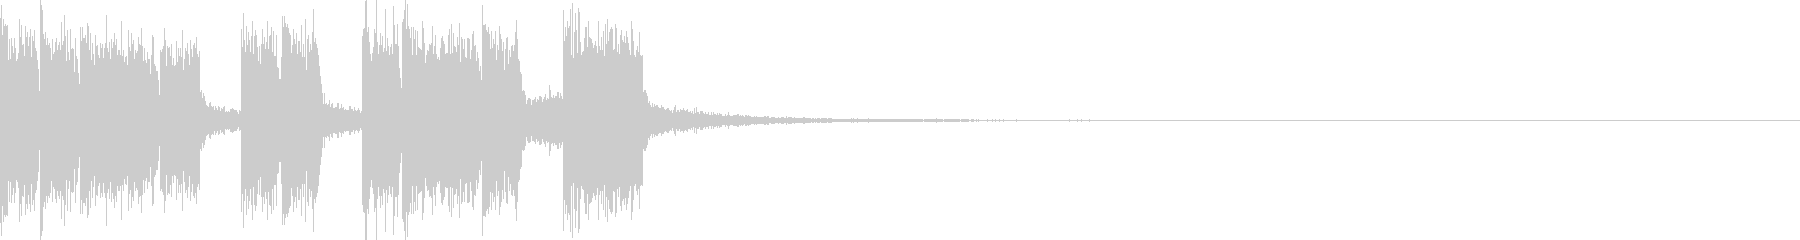 格闘ゲームエキサイティングEDMジングルの未再生の波形